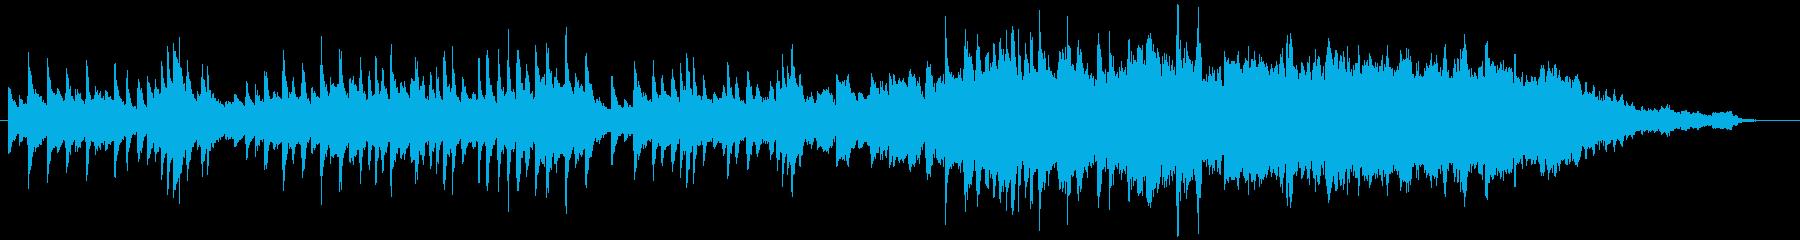 【生】ピアノ協奏曲風=緩いソロから弦の再生済みの波形